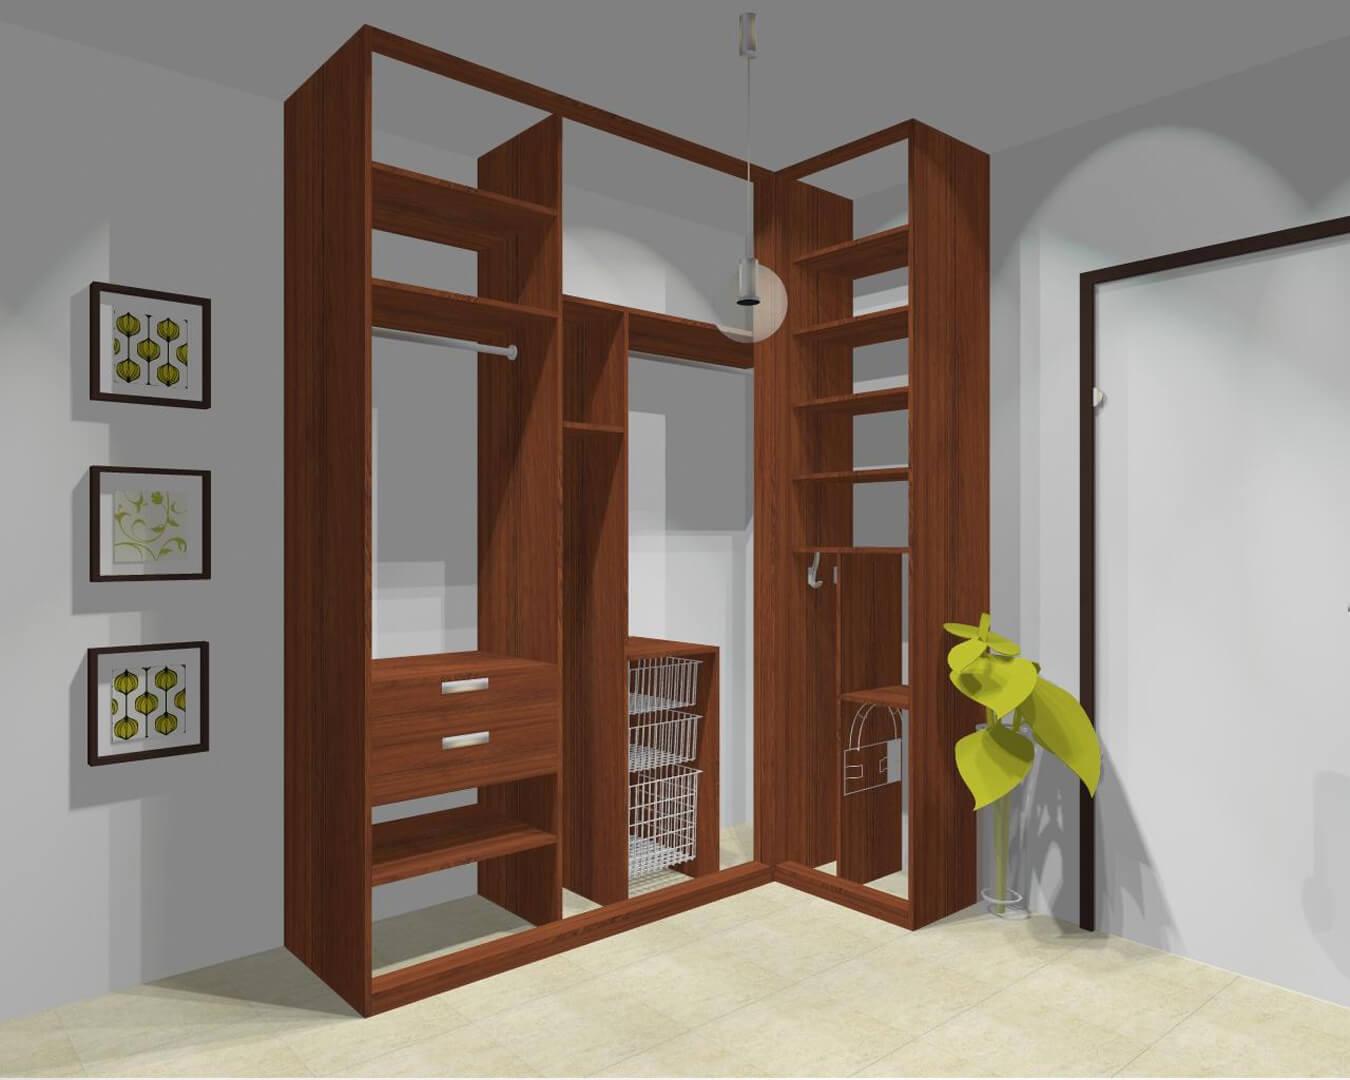 Projekt wnętrza narożnej szafy indeco